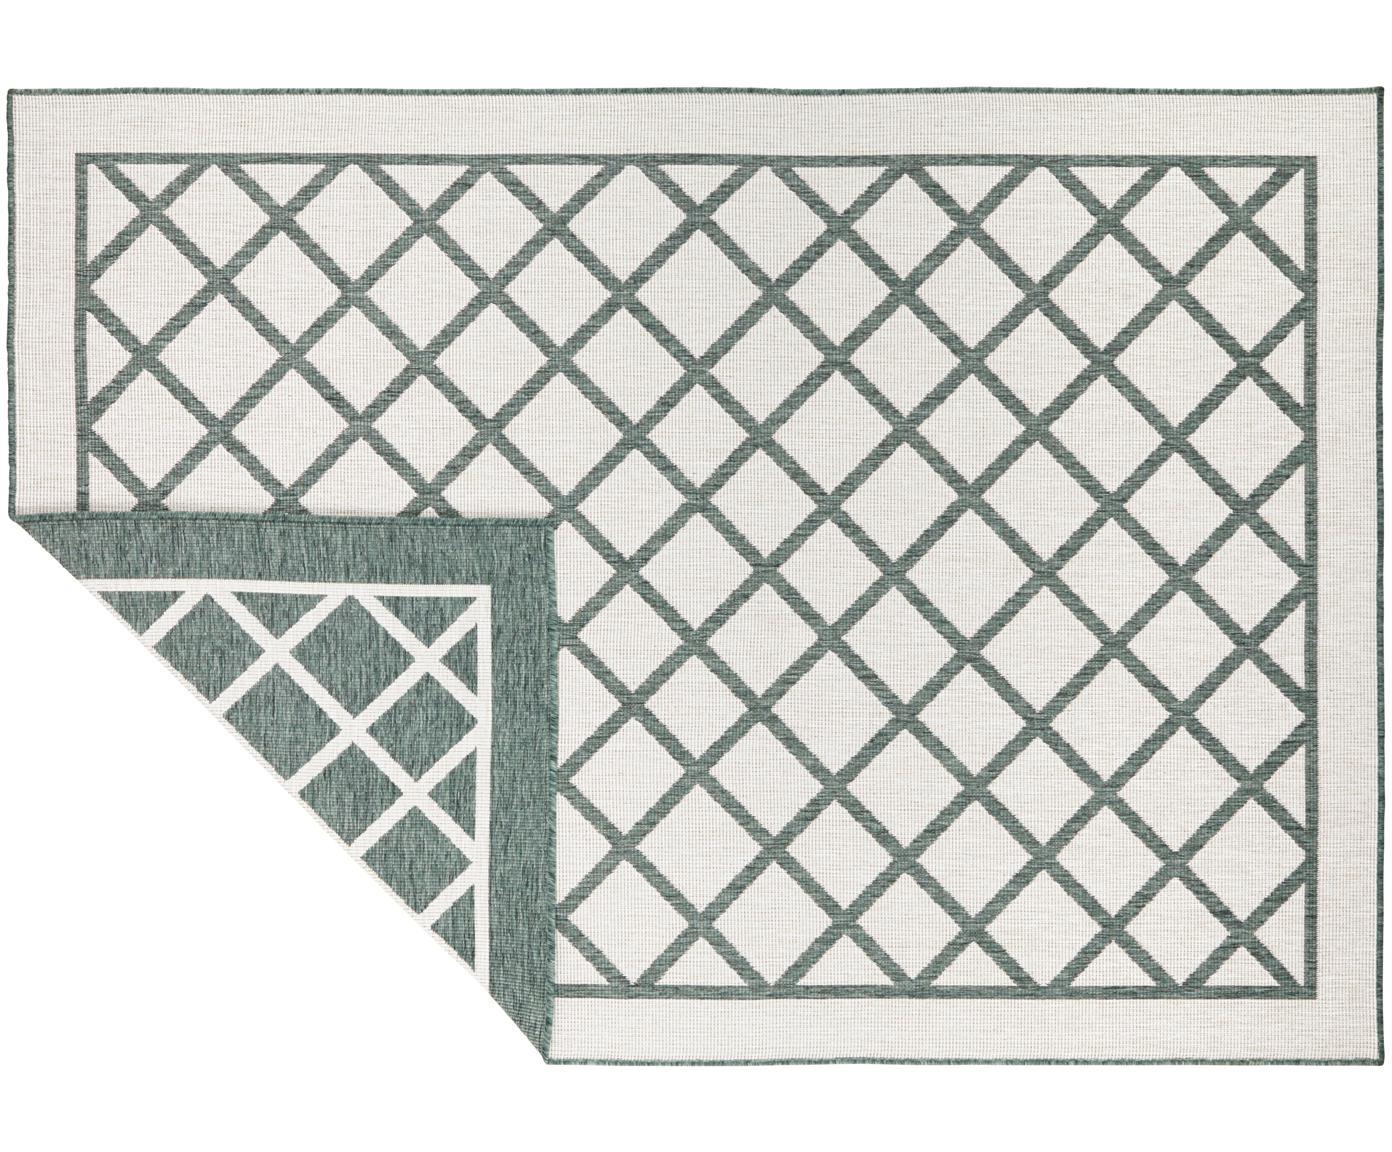 Alfombra reversible de interior y exterior Sydney, Verde, crema, An 120 x L 170 cm (Tamaño S)